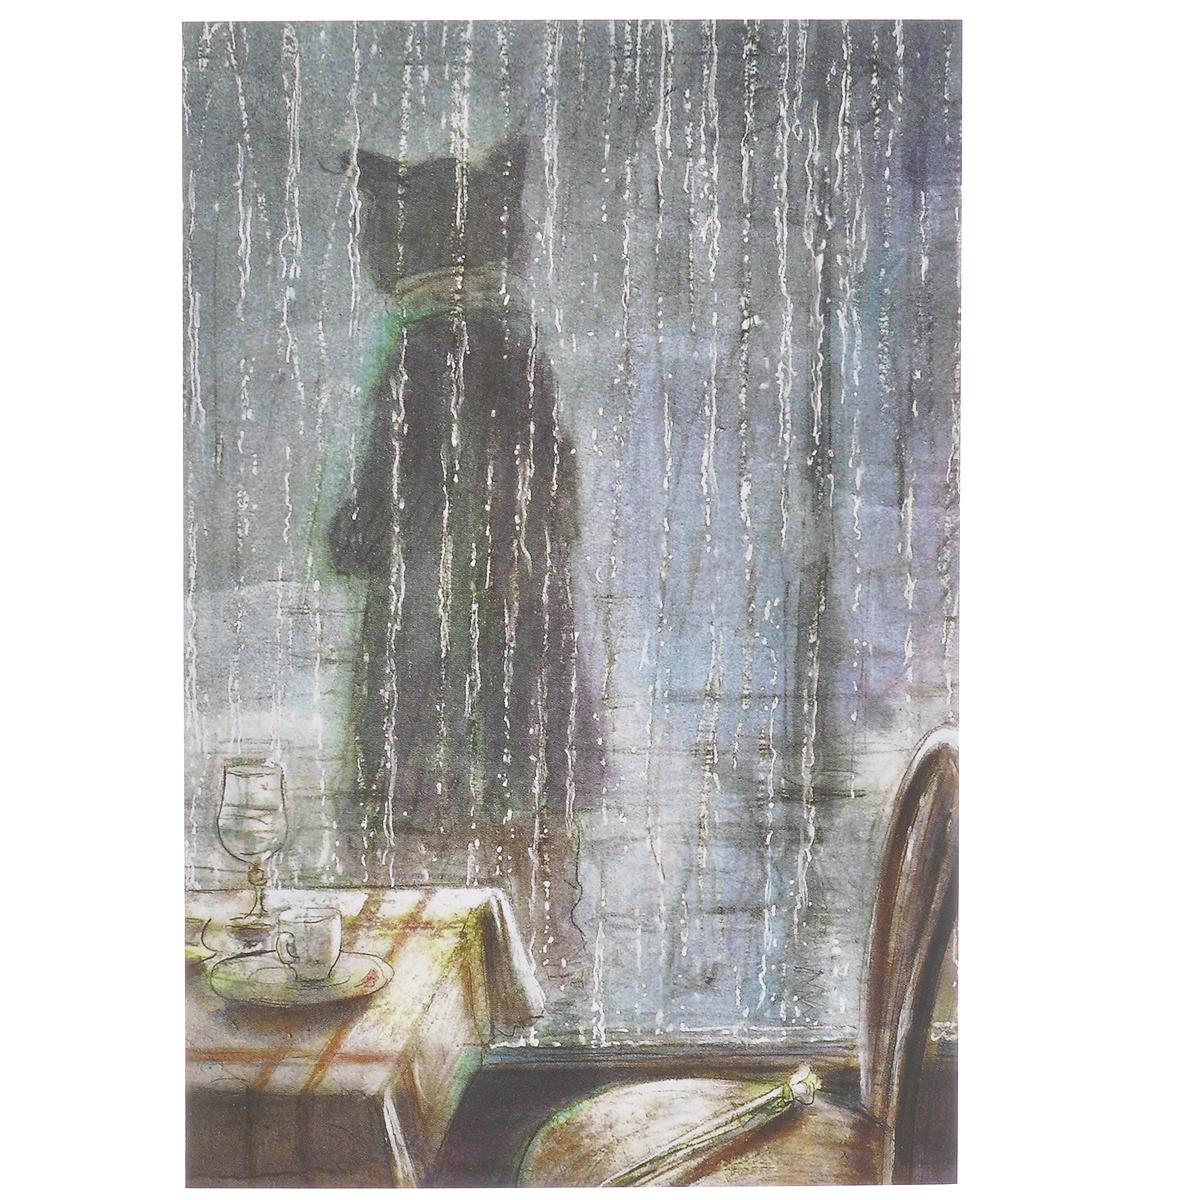 Открытка В дождь. Из набора Парижский Кот-художник. Автор: Андрей АринушкинAA10-009Оригинальная дизайнерская открытка В дождь из набора Парижский Кот-художник выполнена из плотного матового картона. На лицевой стороне расположена репродукция картины художника Андрея Аринушкина. На задней стороне имеется поле для записей. Такая открытка станет великолепным дополнением к подарку или оригинальным почтовым посланием, которое, несомненно, удивит получателя своим дизайном и подарит приятные воспоминания.